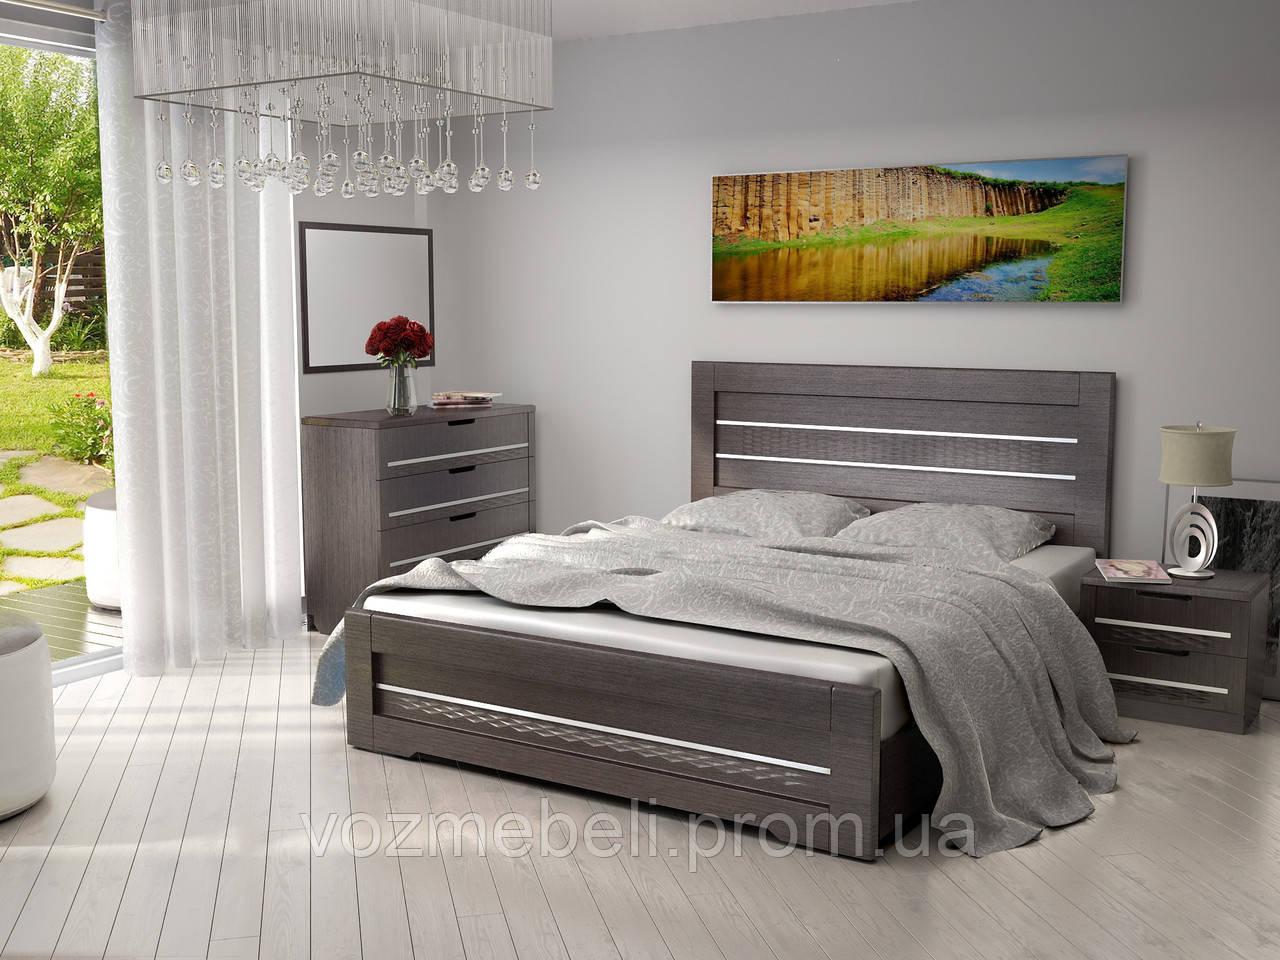 Кровать Соломия 160*200 /Неман/